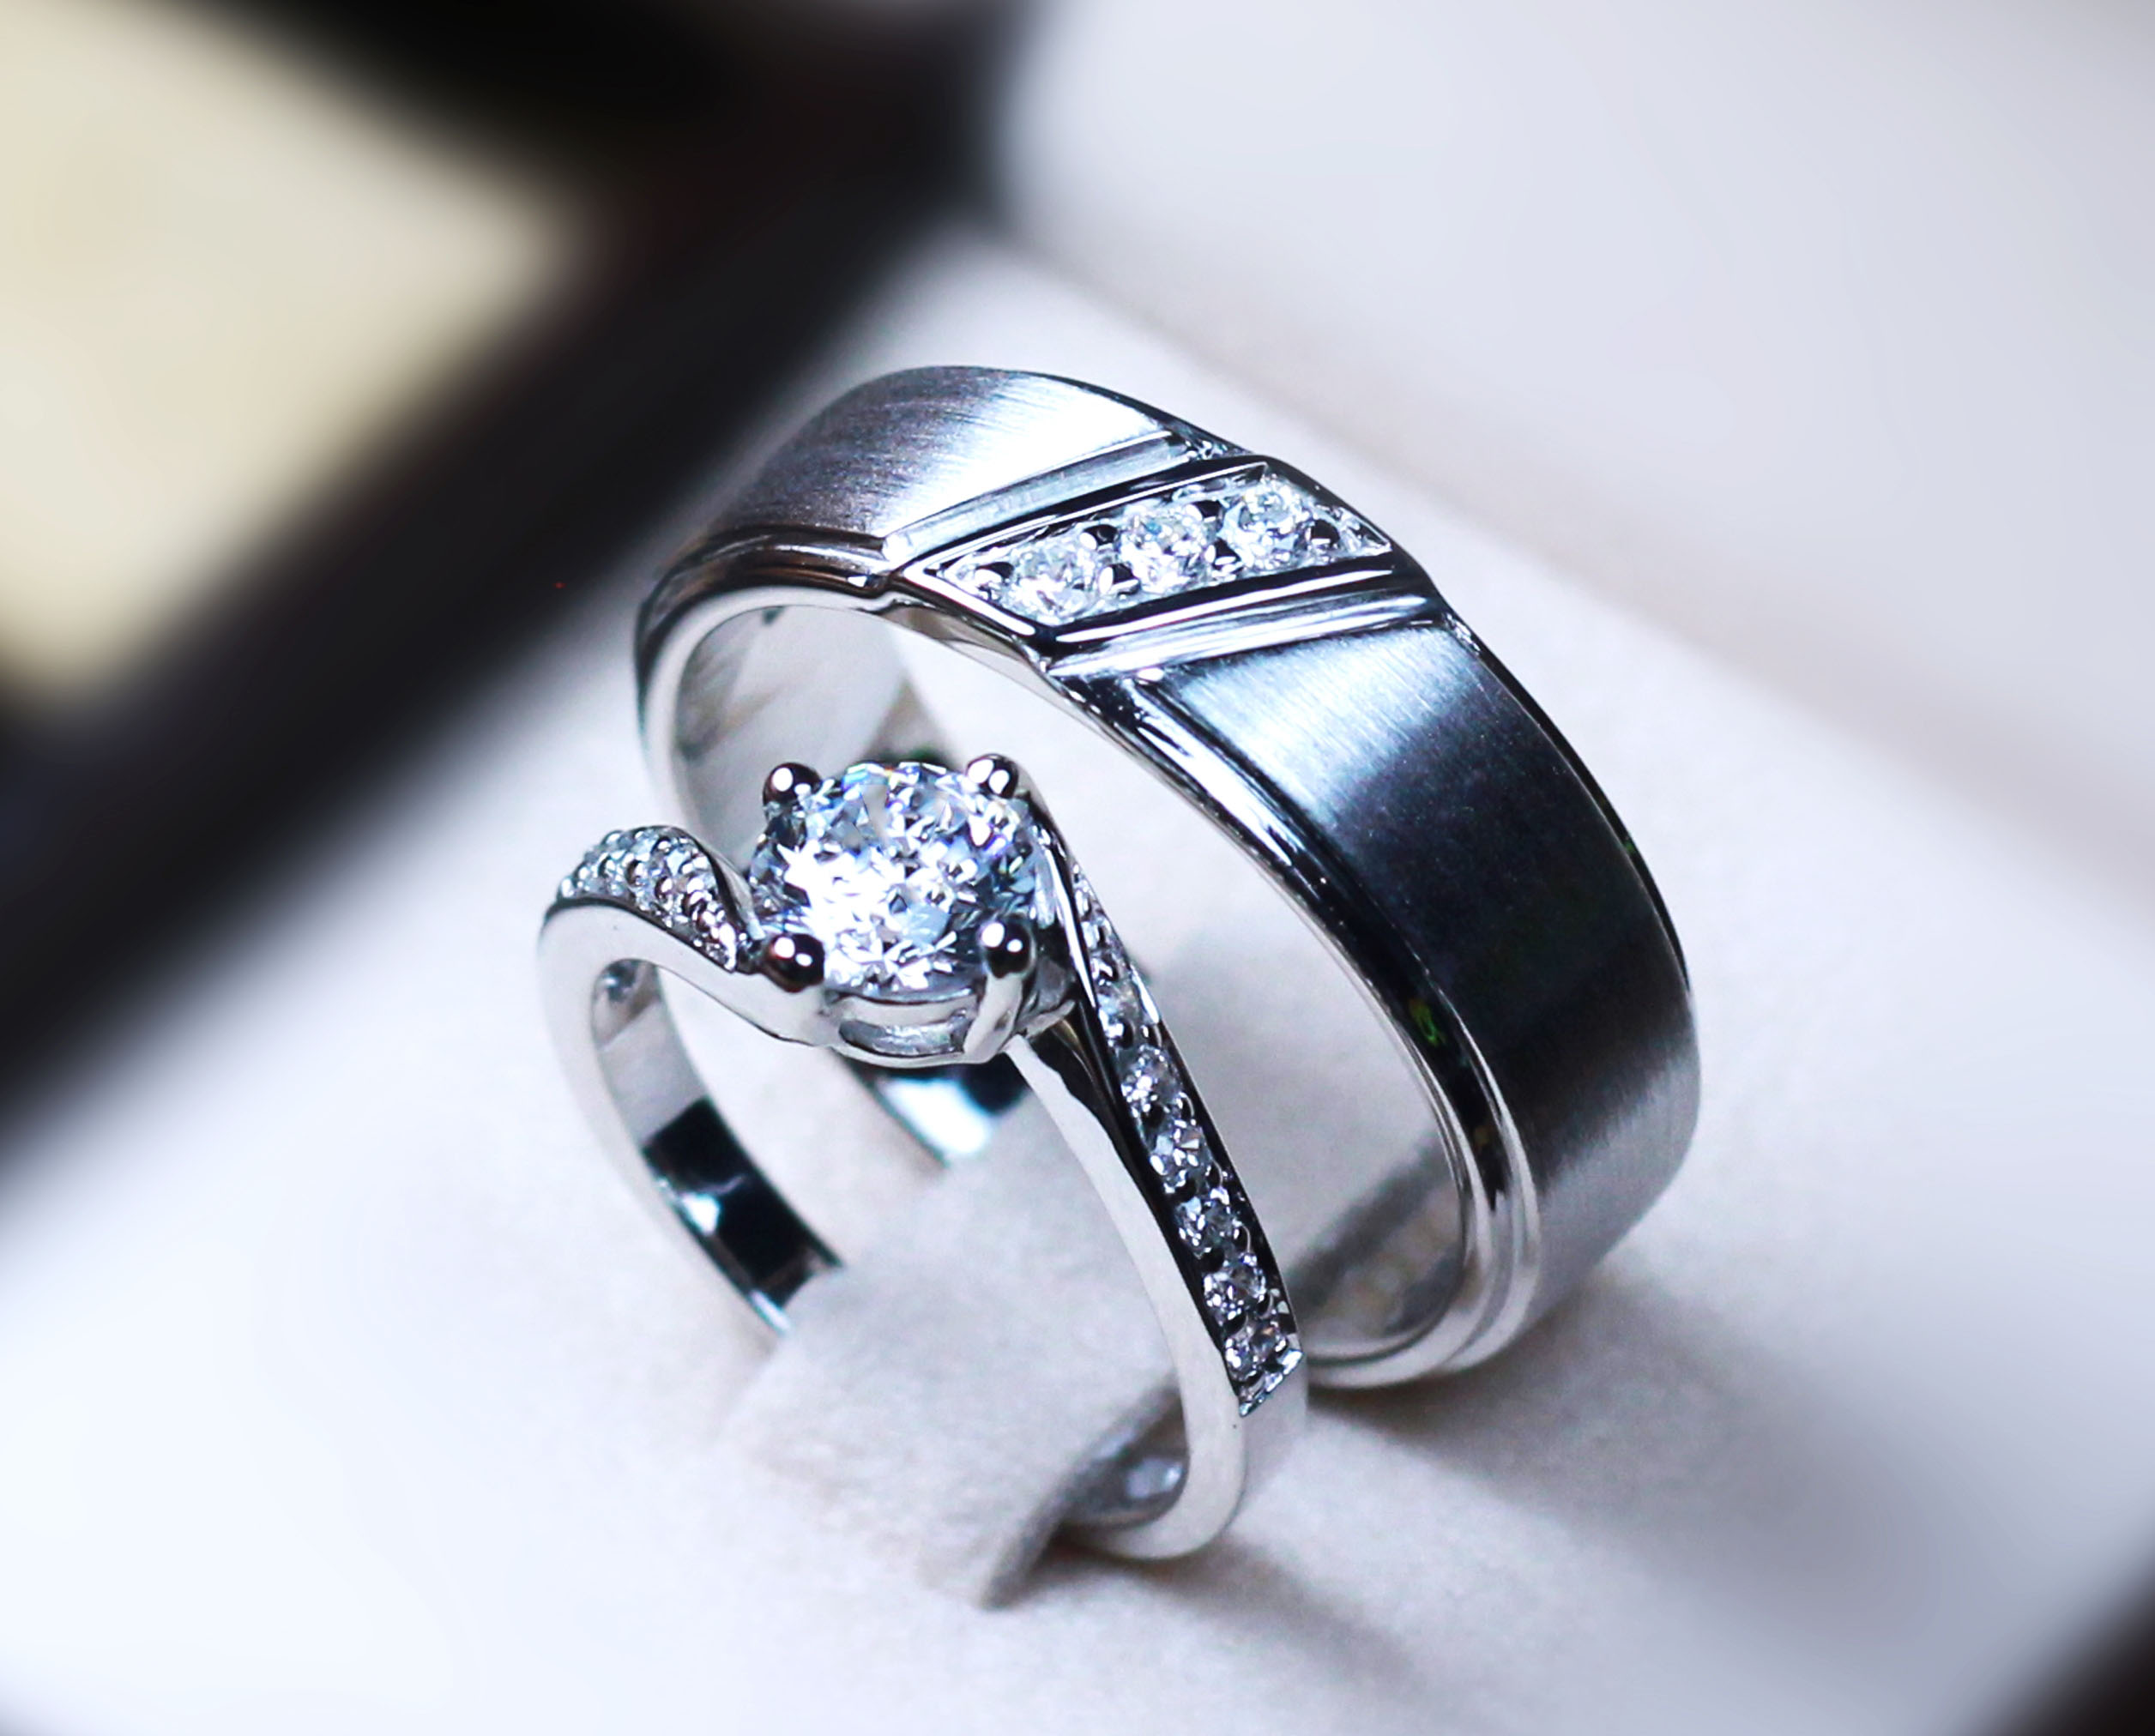 แหวนคู่รักเงินแท้ เพชรสังเคราะห์ ชุบทองคำขาว รุ่น LV15071561 TW thunder & 0.60 Carat Dazzling